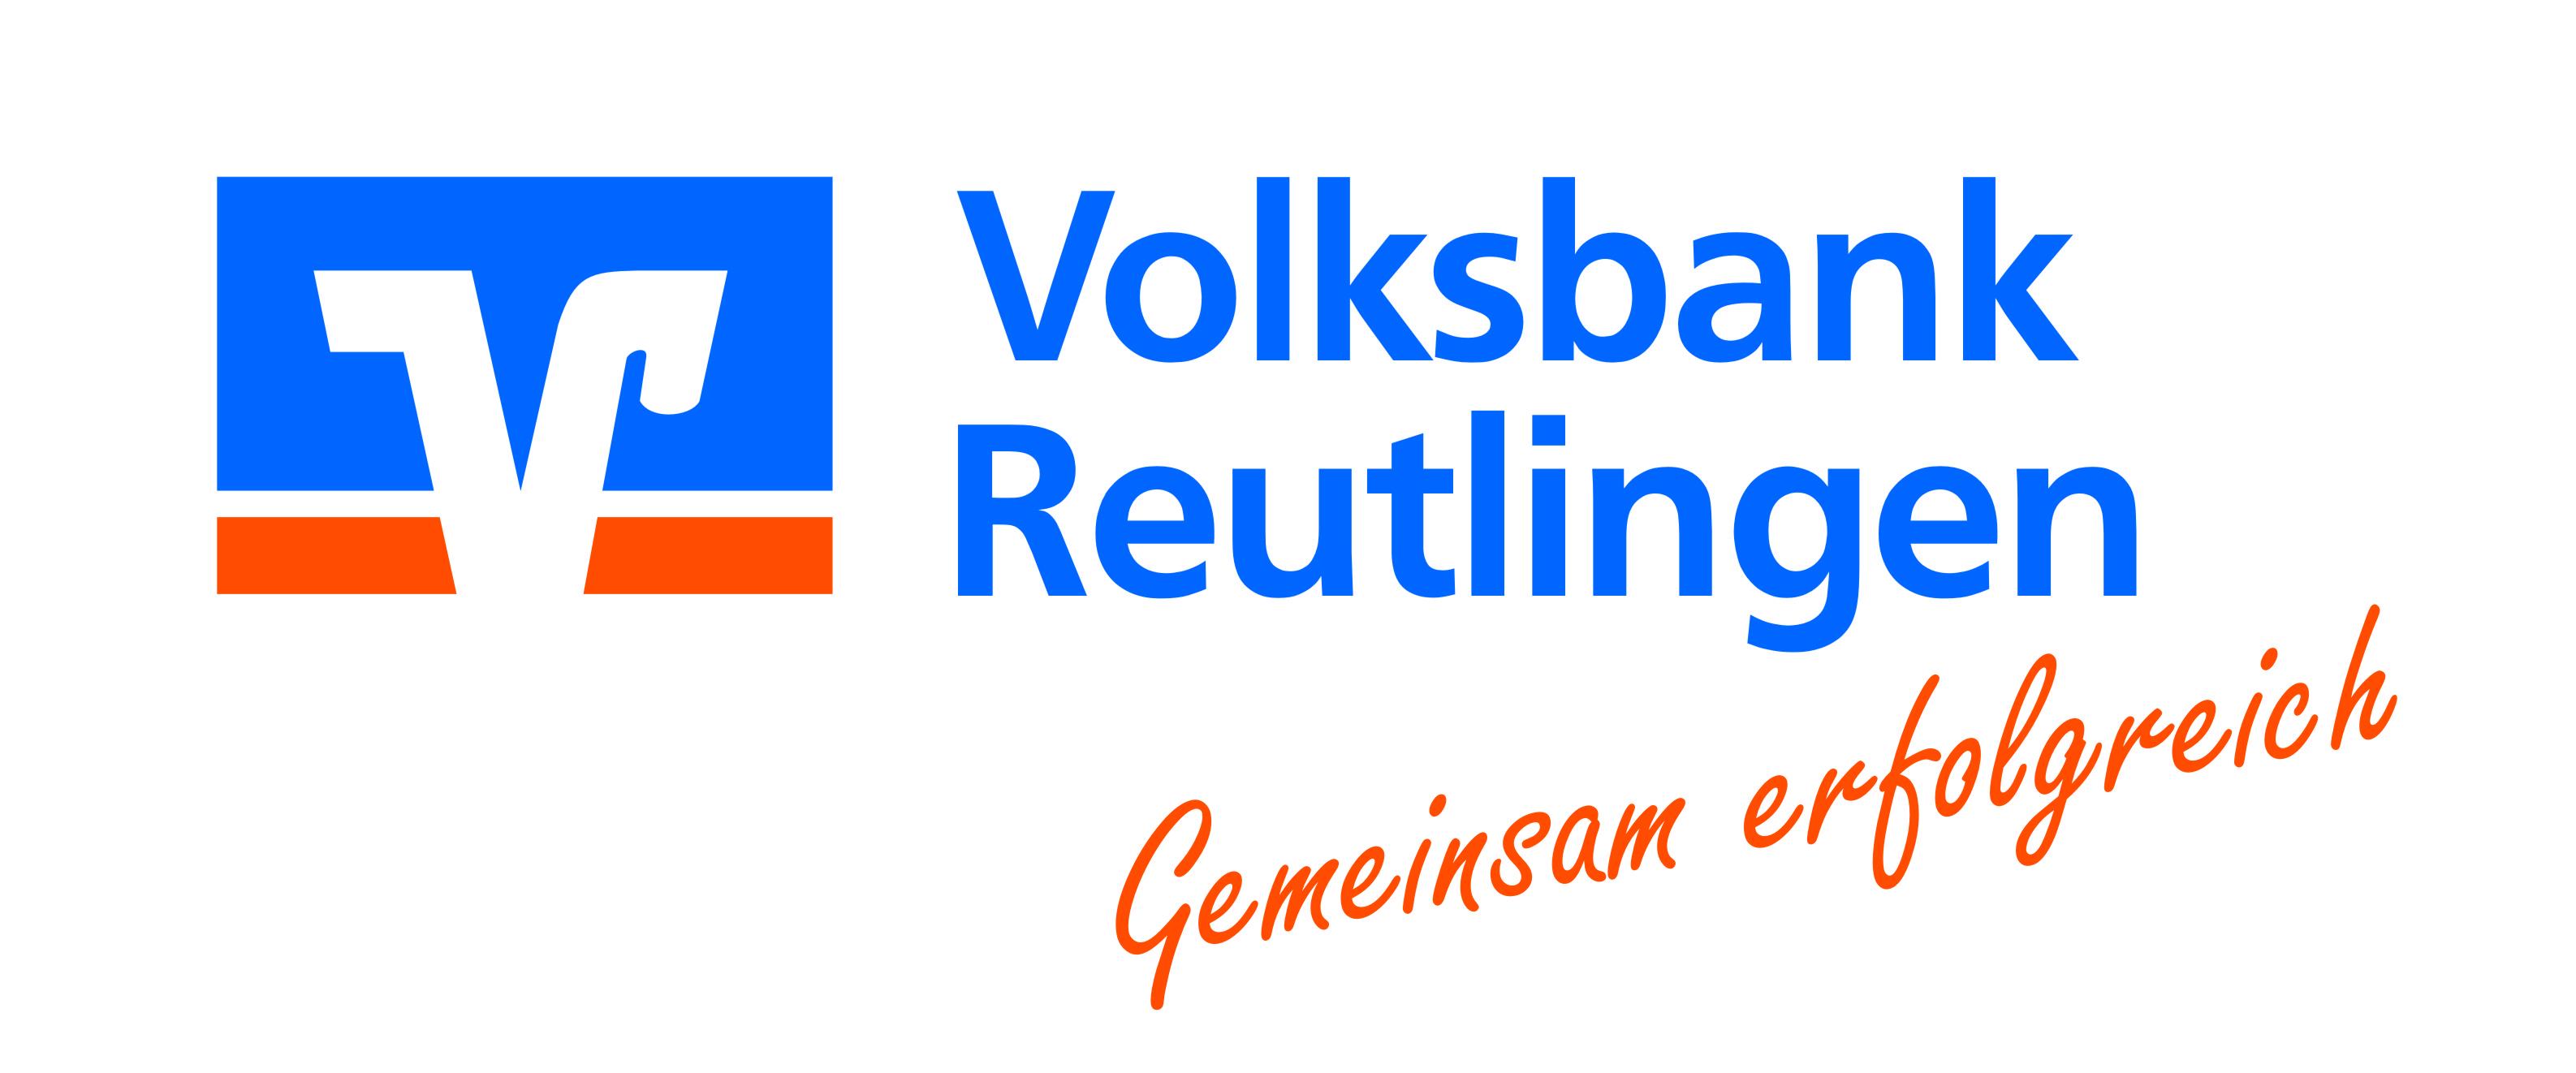 volksbank reutlingen - gemeinsam erfolgreich